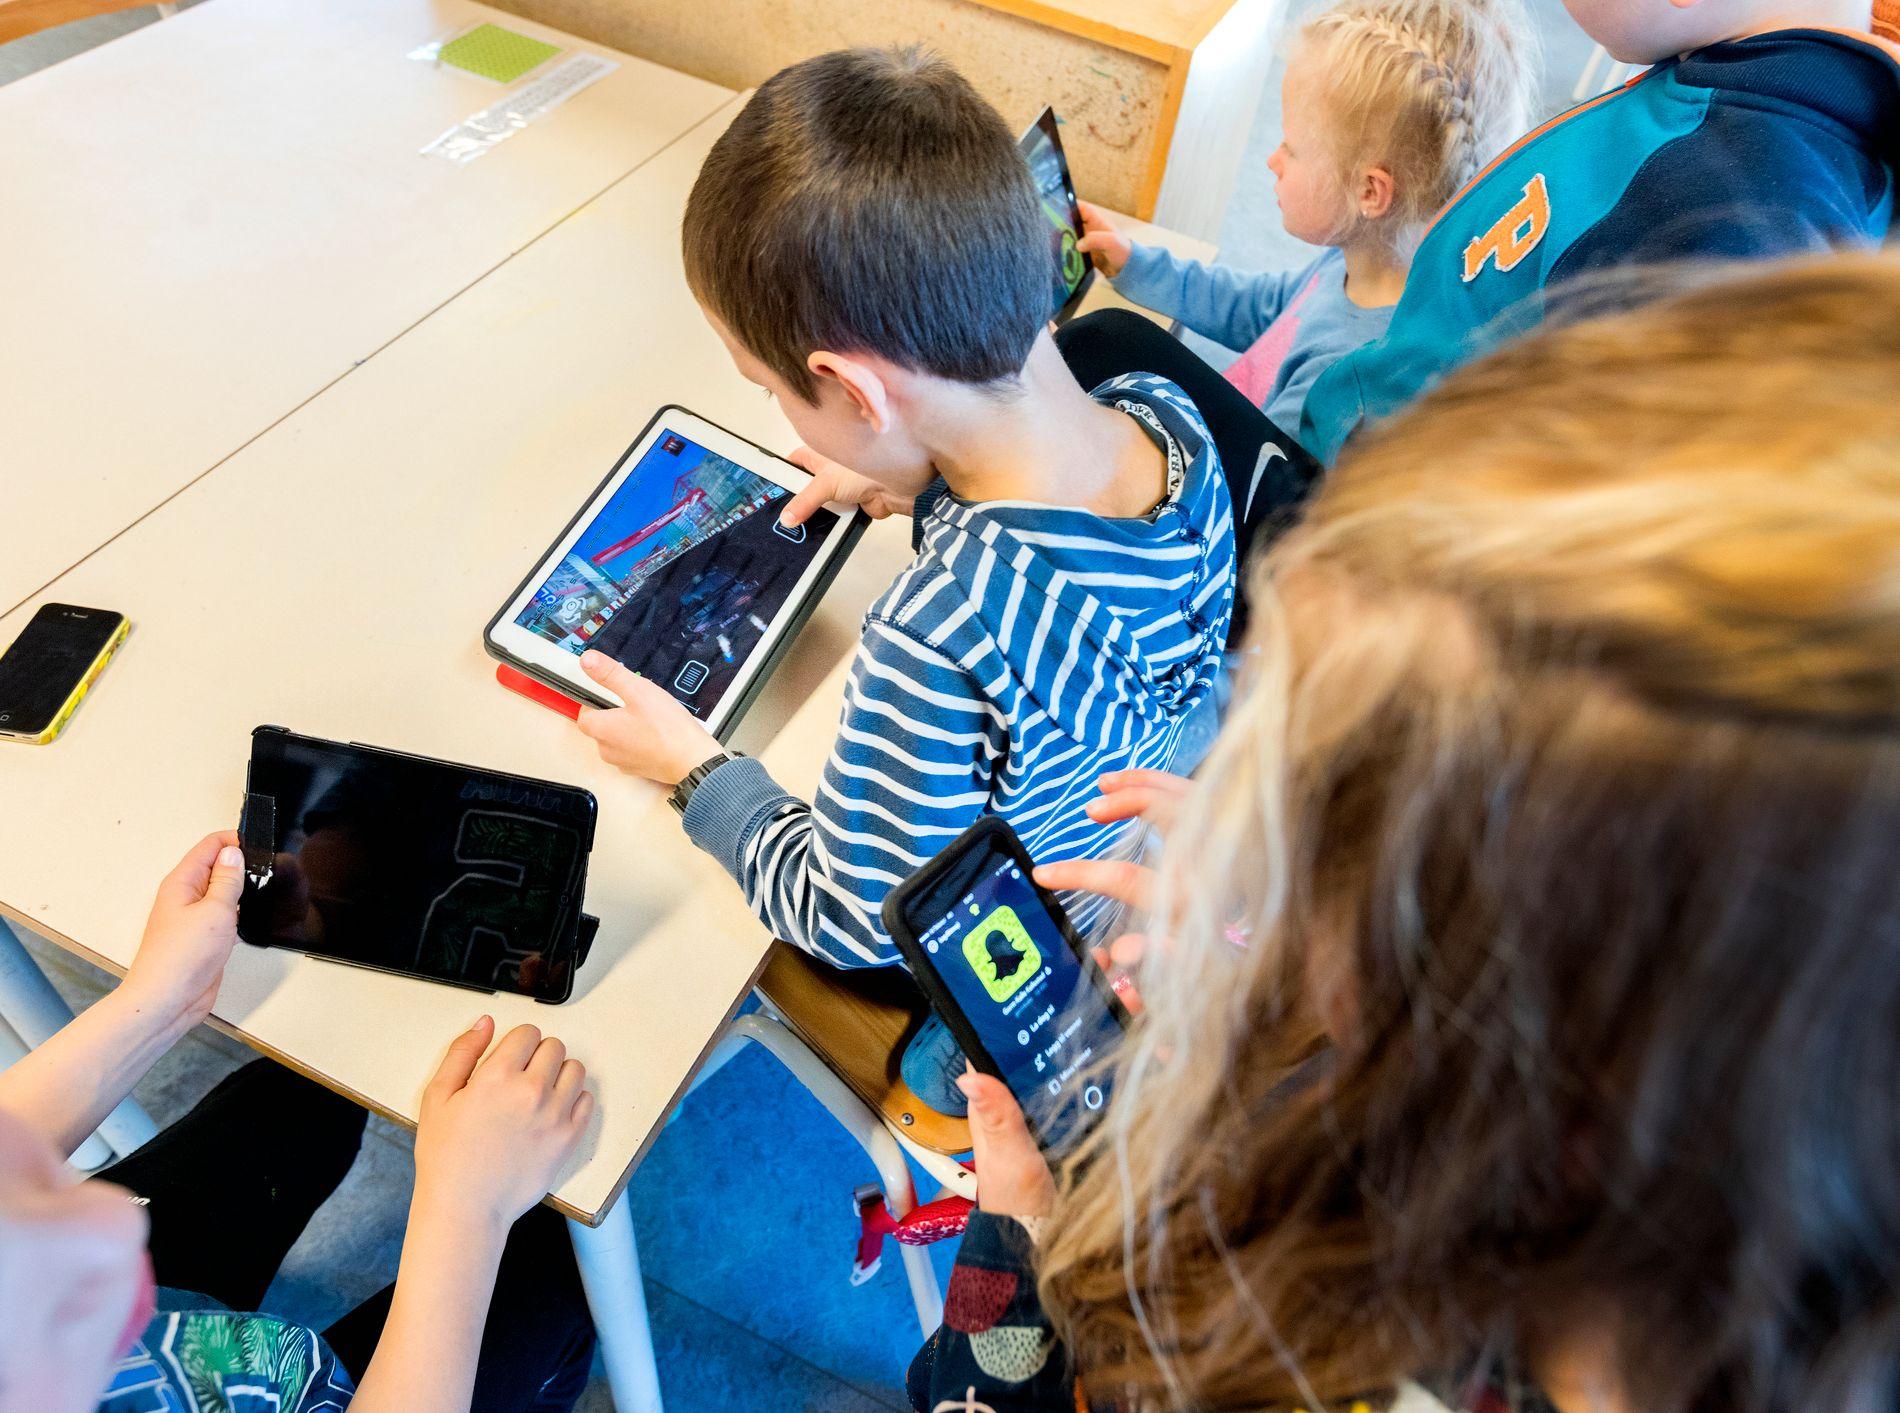 STYRT BRUK: Læreren som ønsker å bruke mobil på en god måte i undervisningen, skal vi applaudere. Men vi vil at det er læreren og ikke elevene som skal styre bruken på skolen, skriver innsenderne.